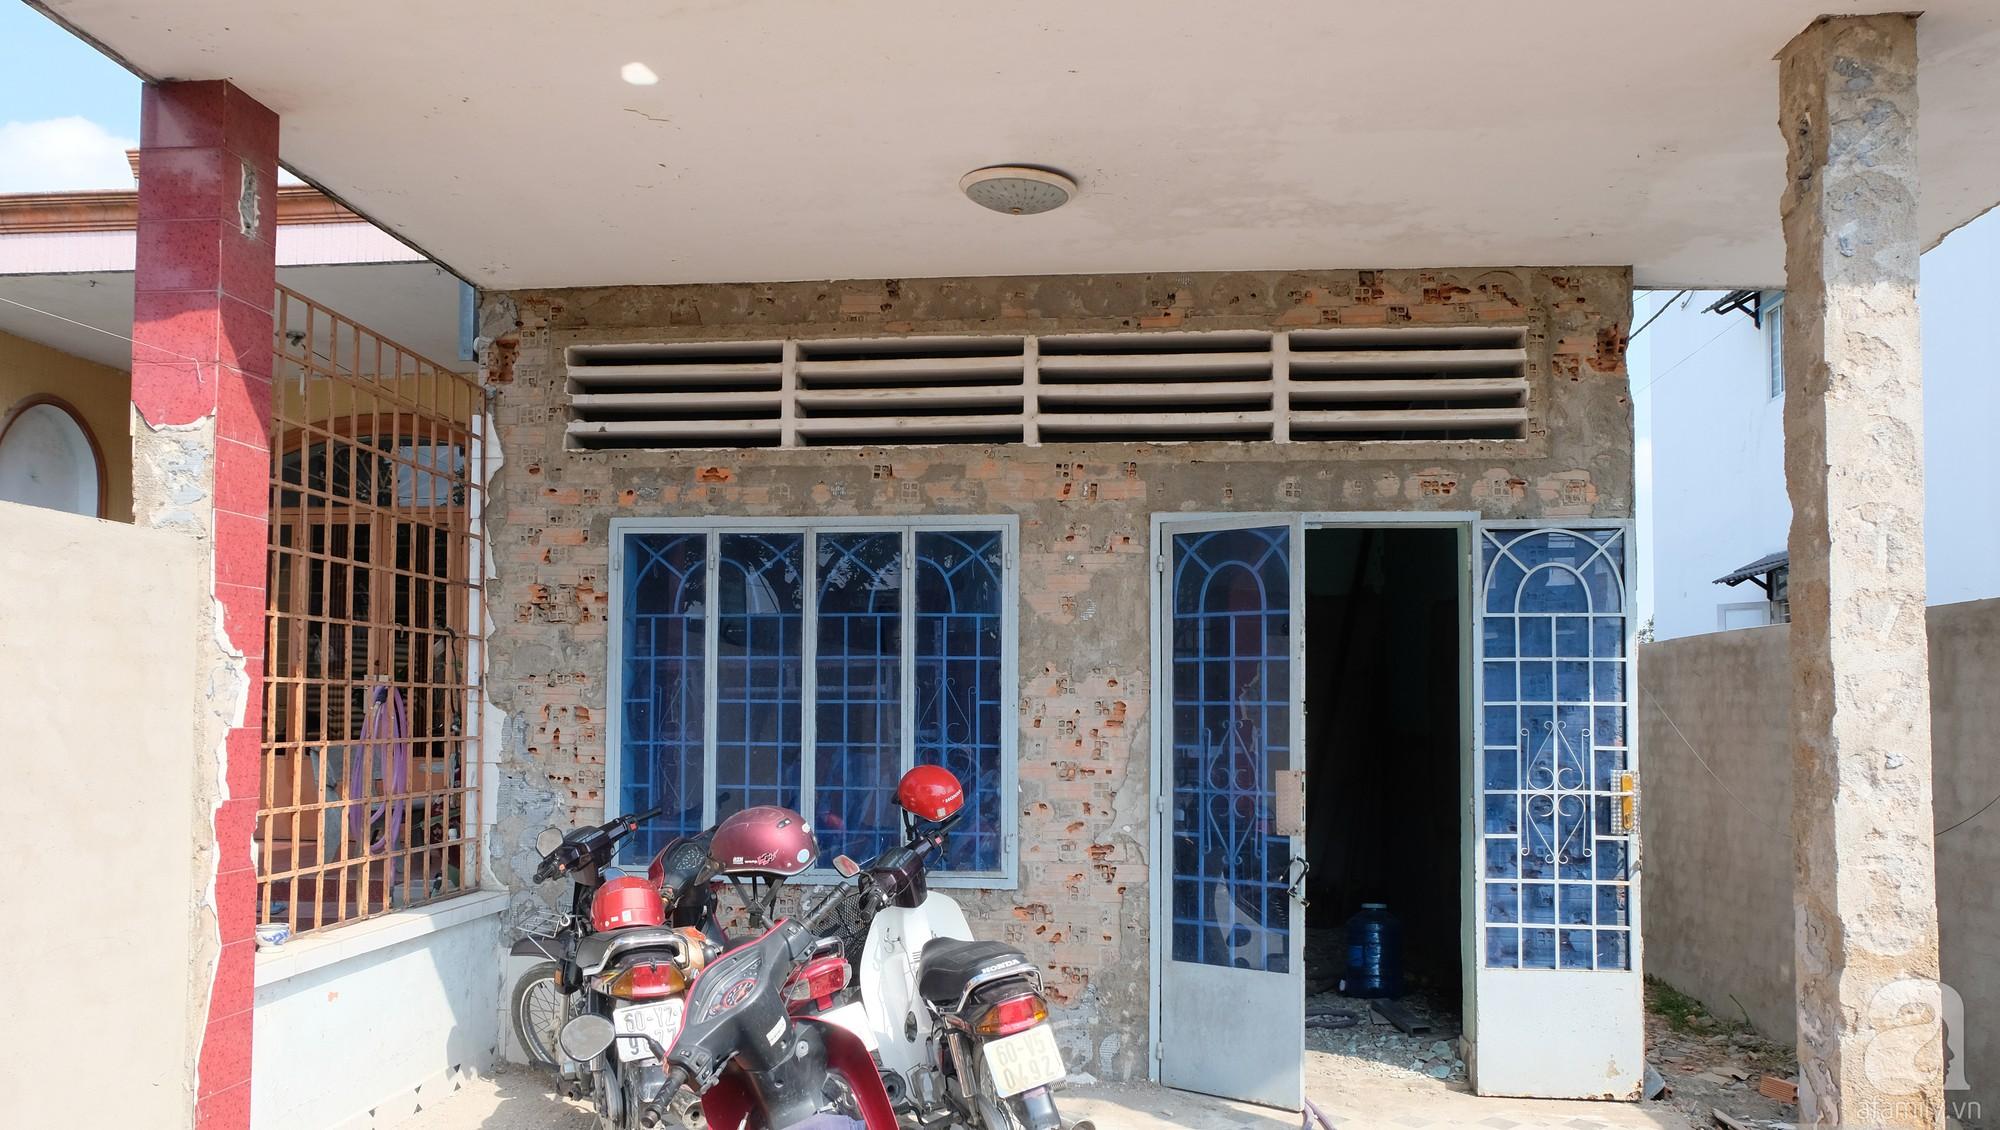 Nhà cấp 4 dột nát, cũ kỹ bỗng chốc lột xác cá tính với gam màu đen trắng ở Biên Hòa - Ảnh 6.